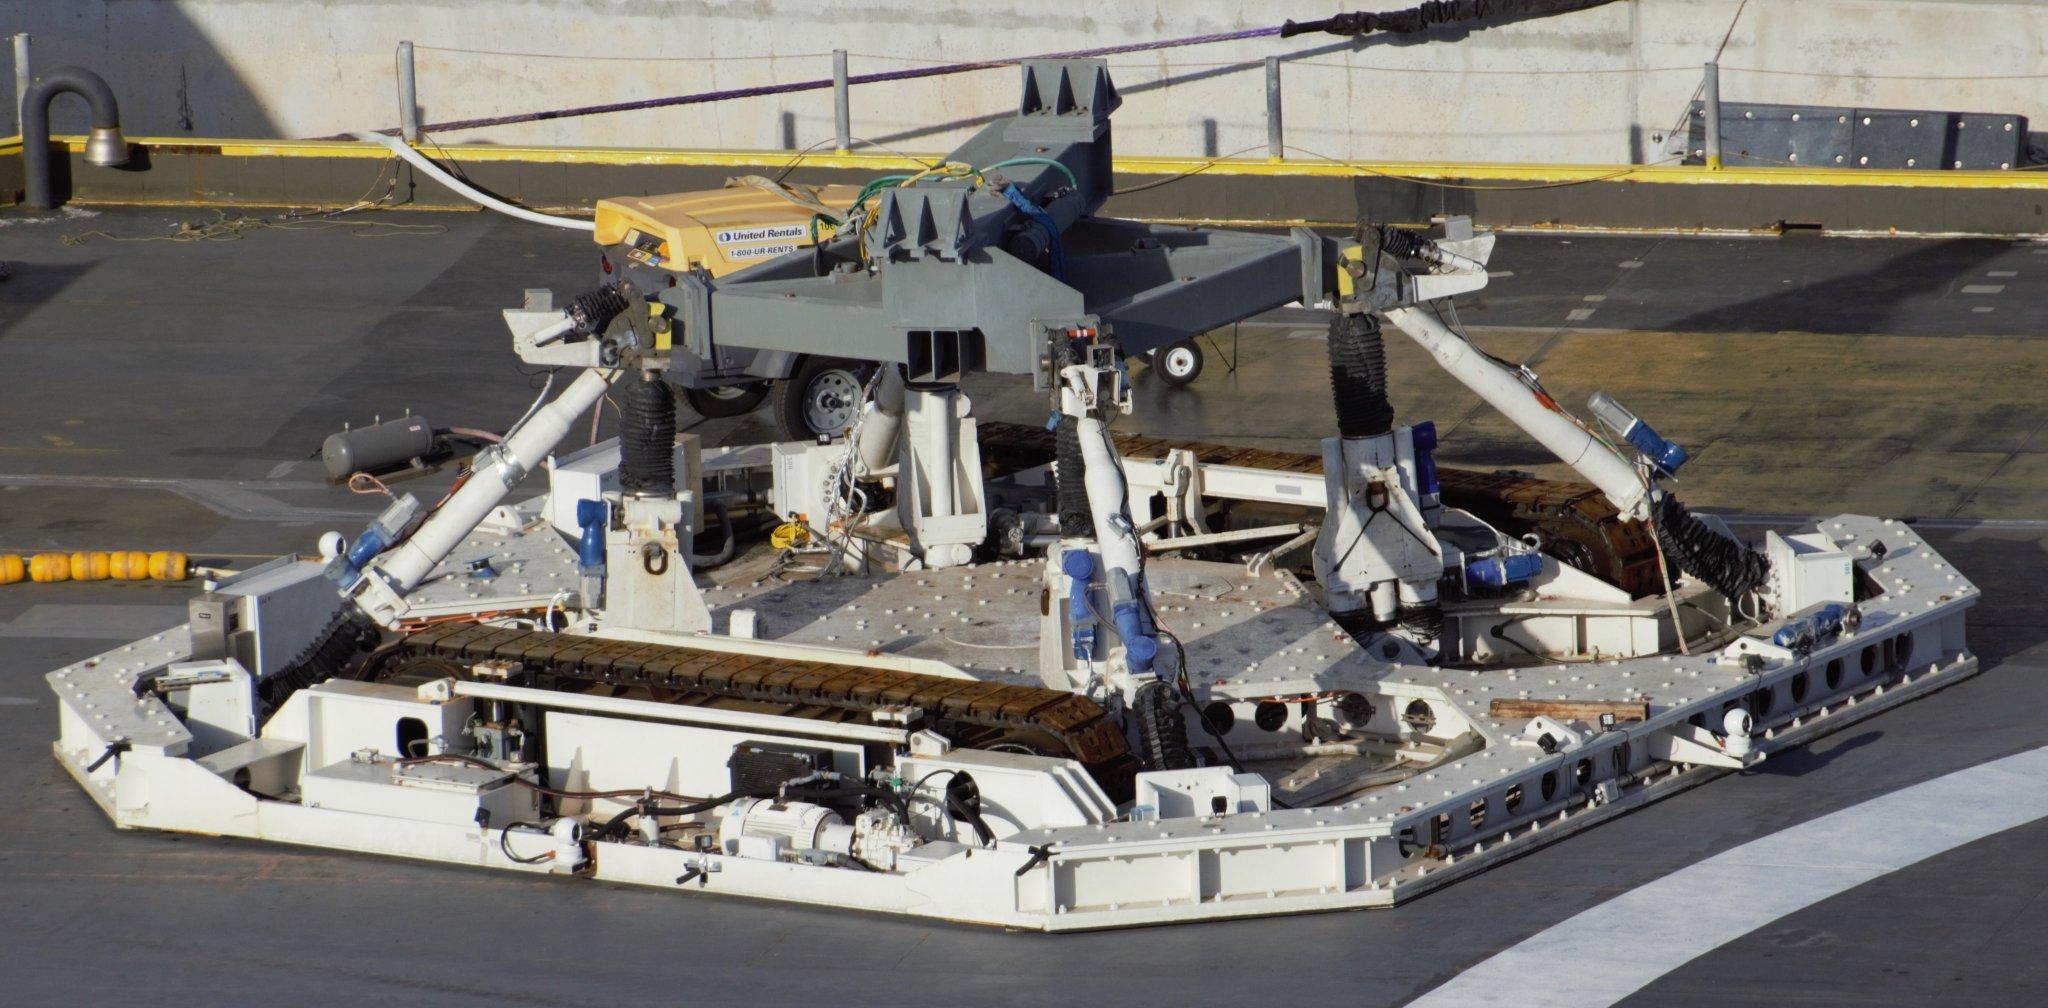 [SpaceX] Barges et flotte maritime de SpaceX - Page 4 1_jfif73